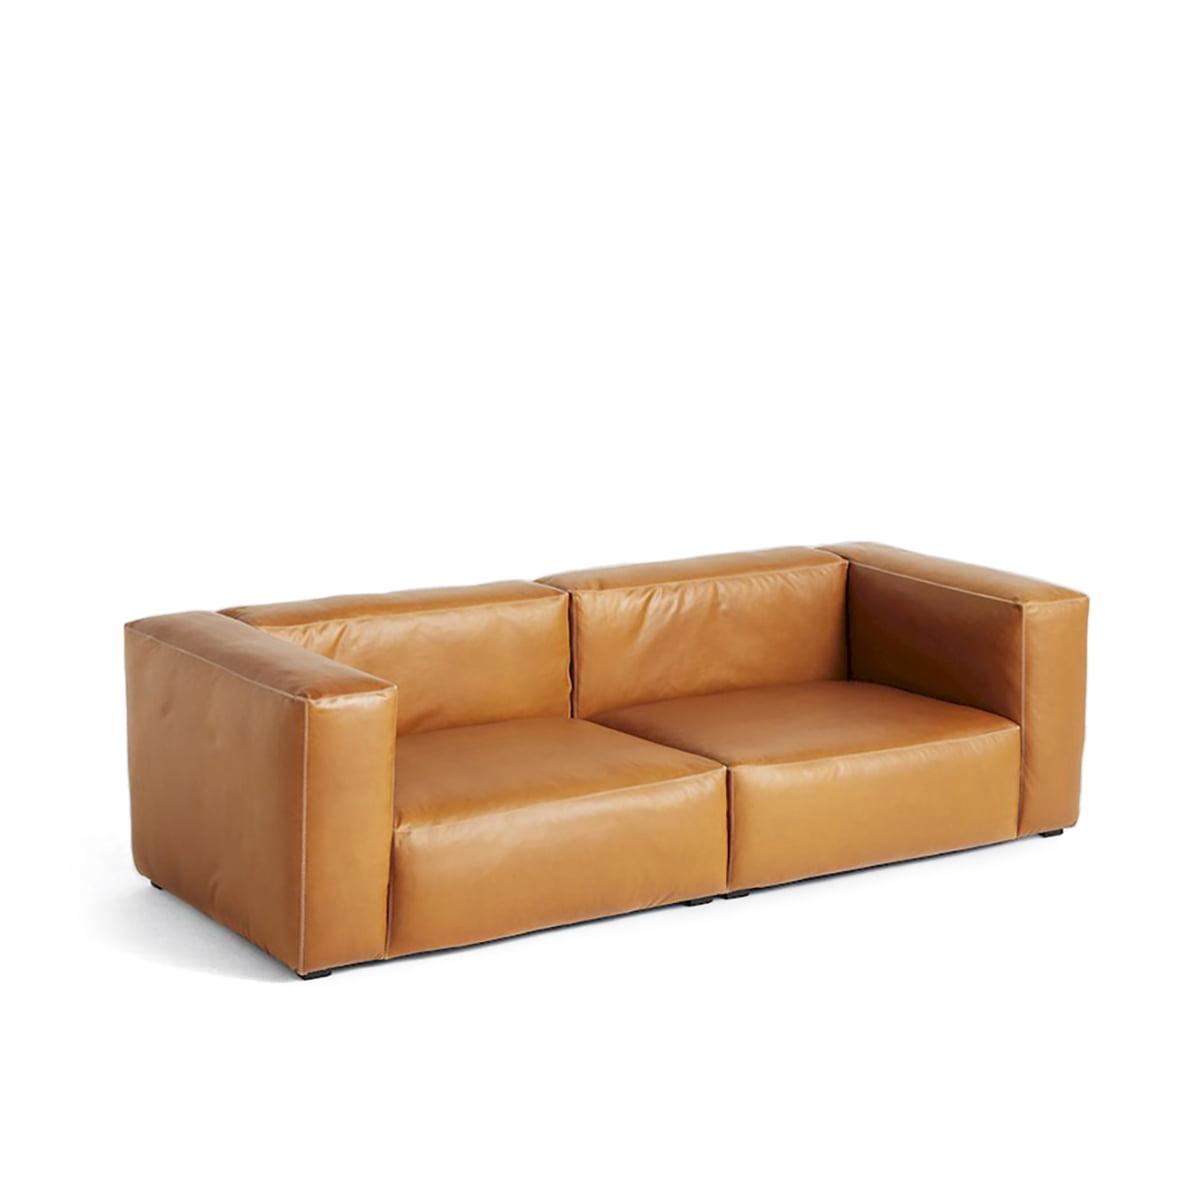 Cognac Leder 2 3 Sitzer Sofas Online Kaufen Mobel Suchmaschine